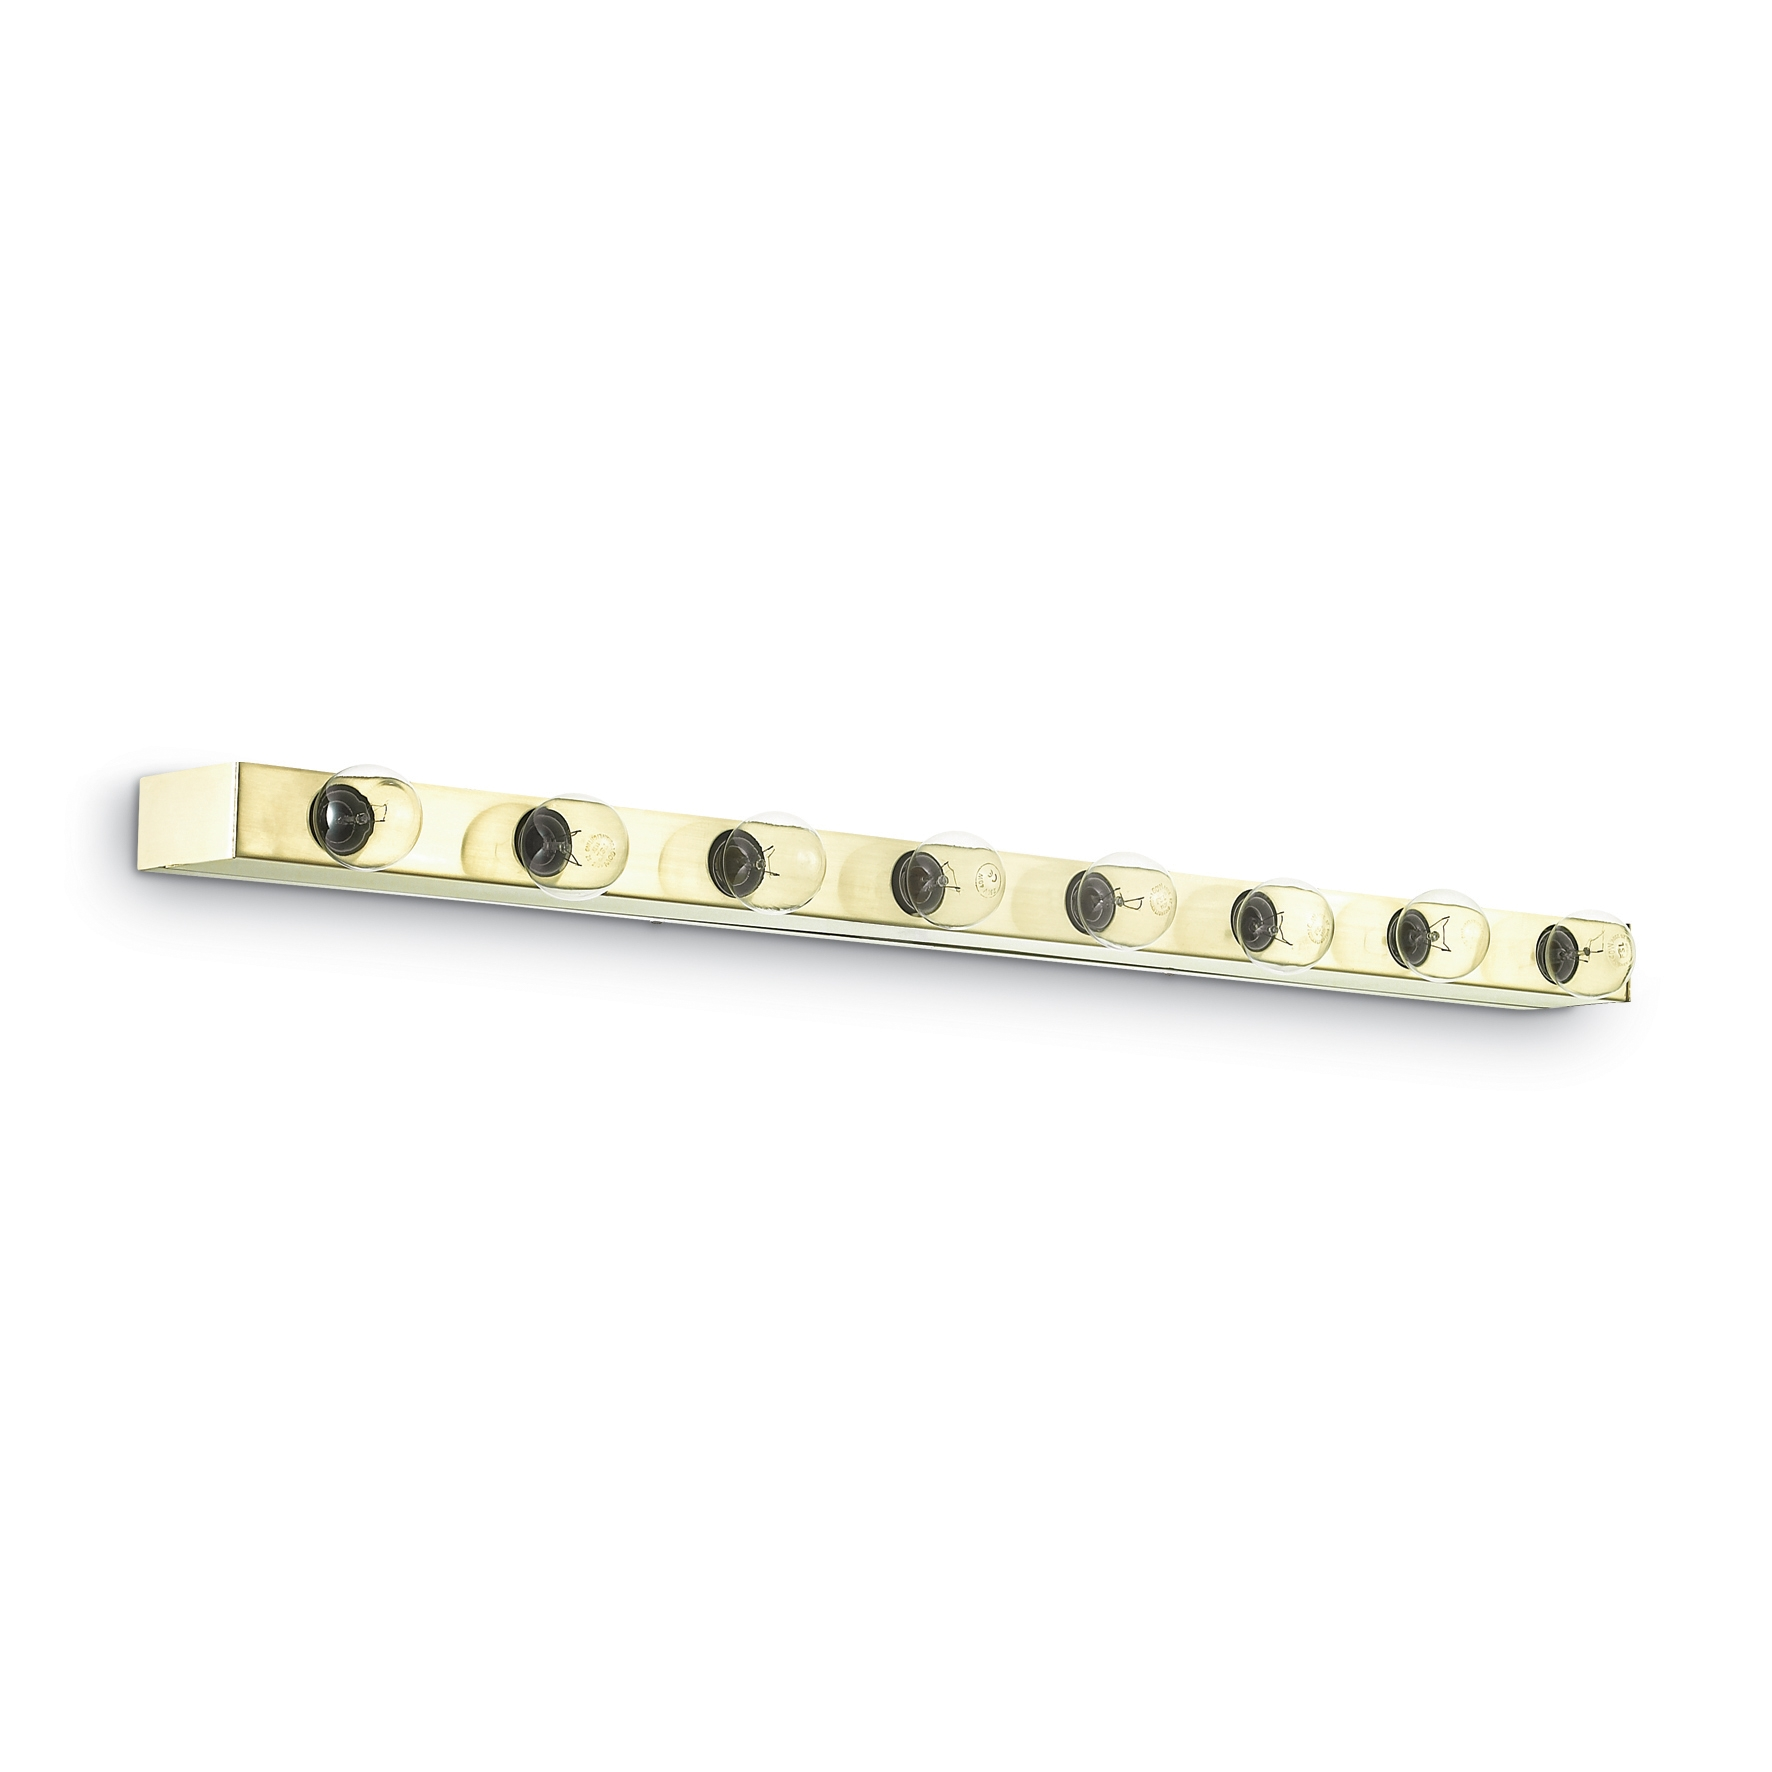 Aplica Prive AP8 Brass